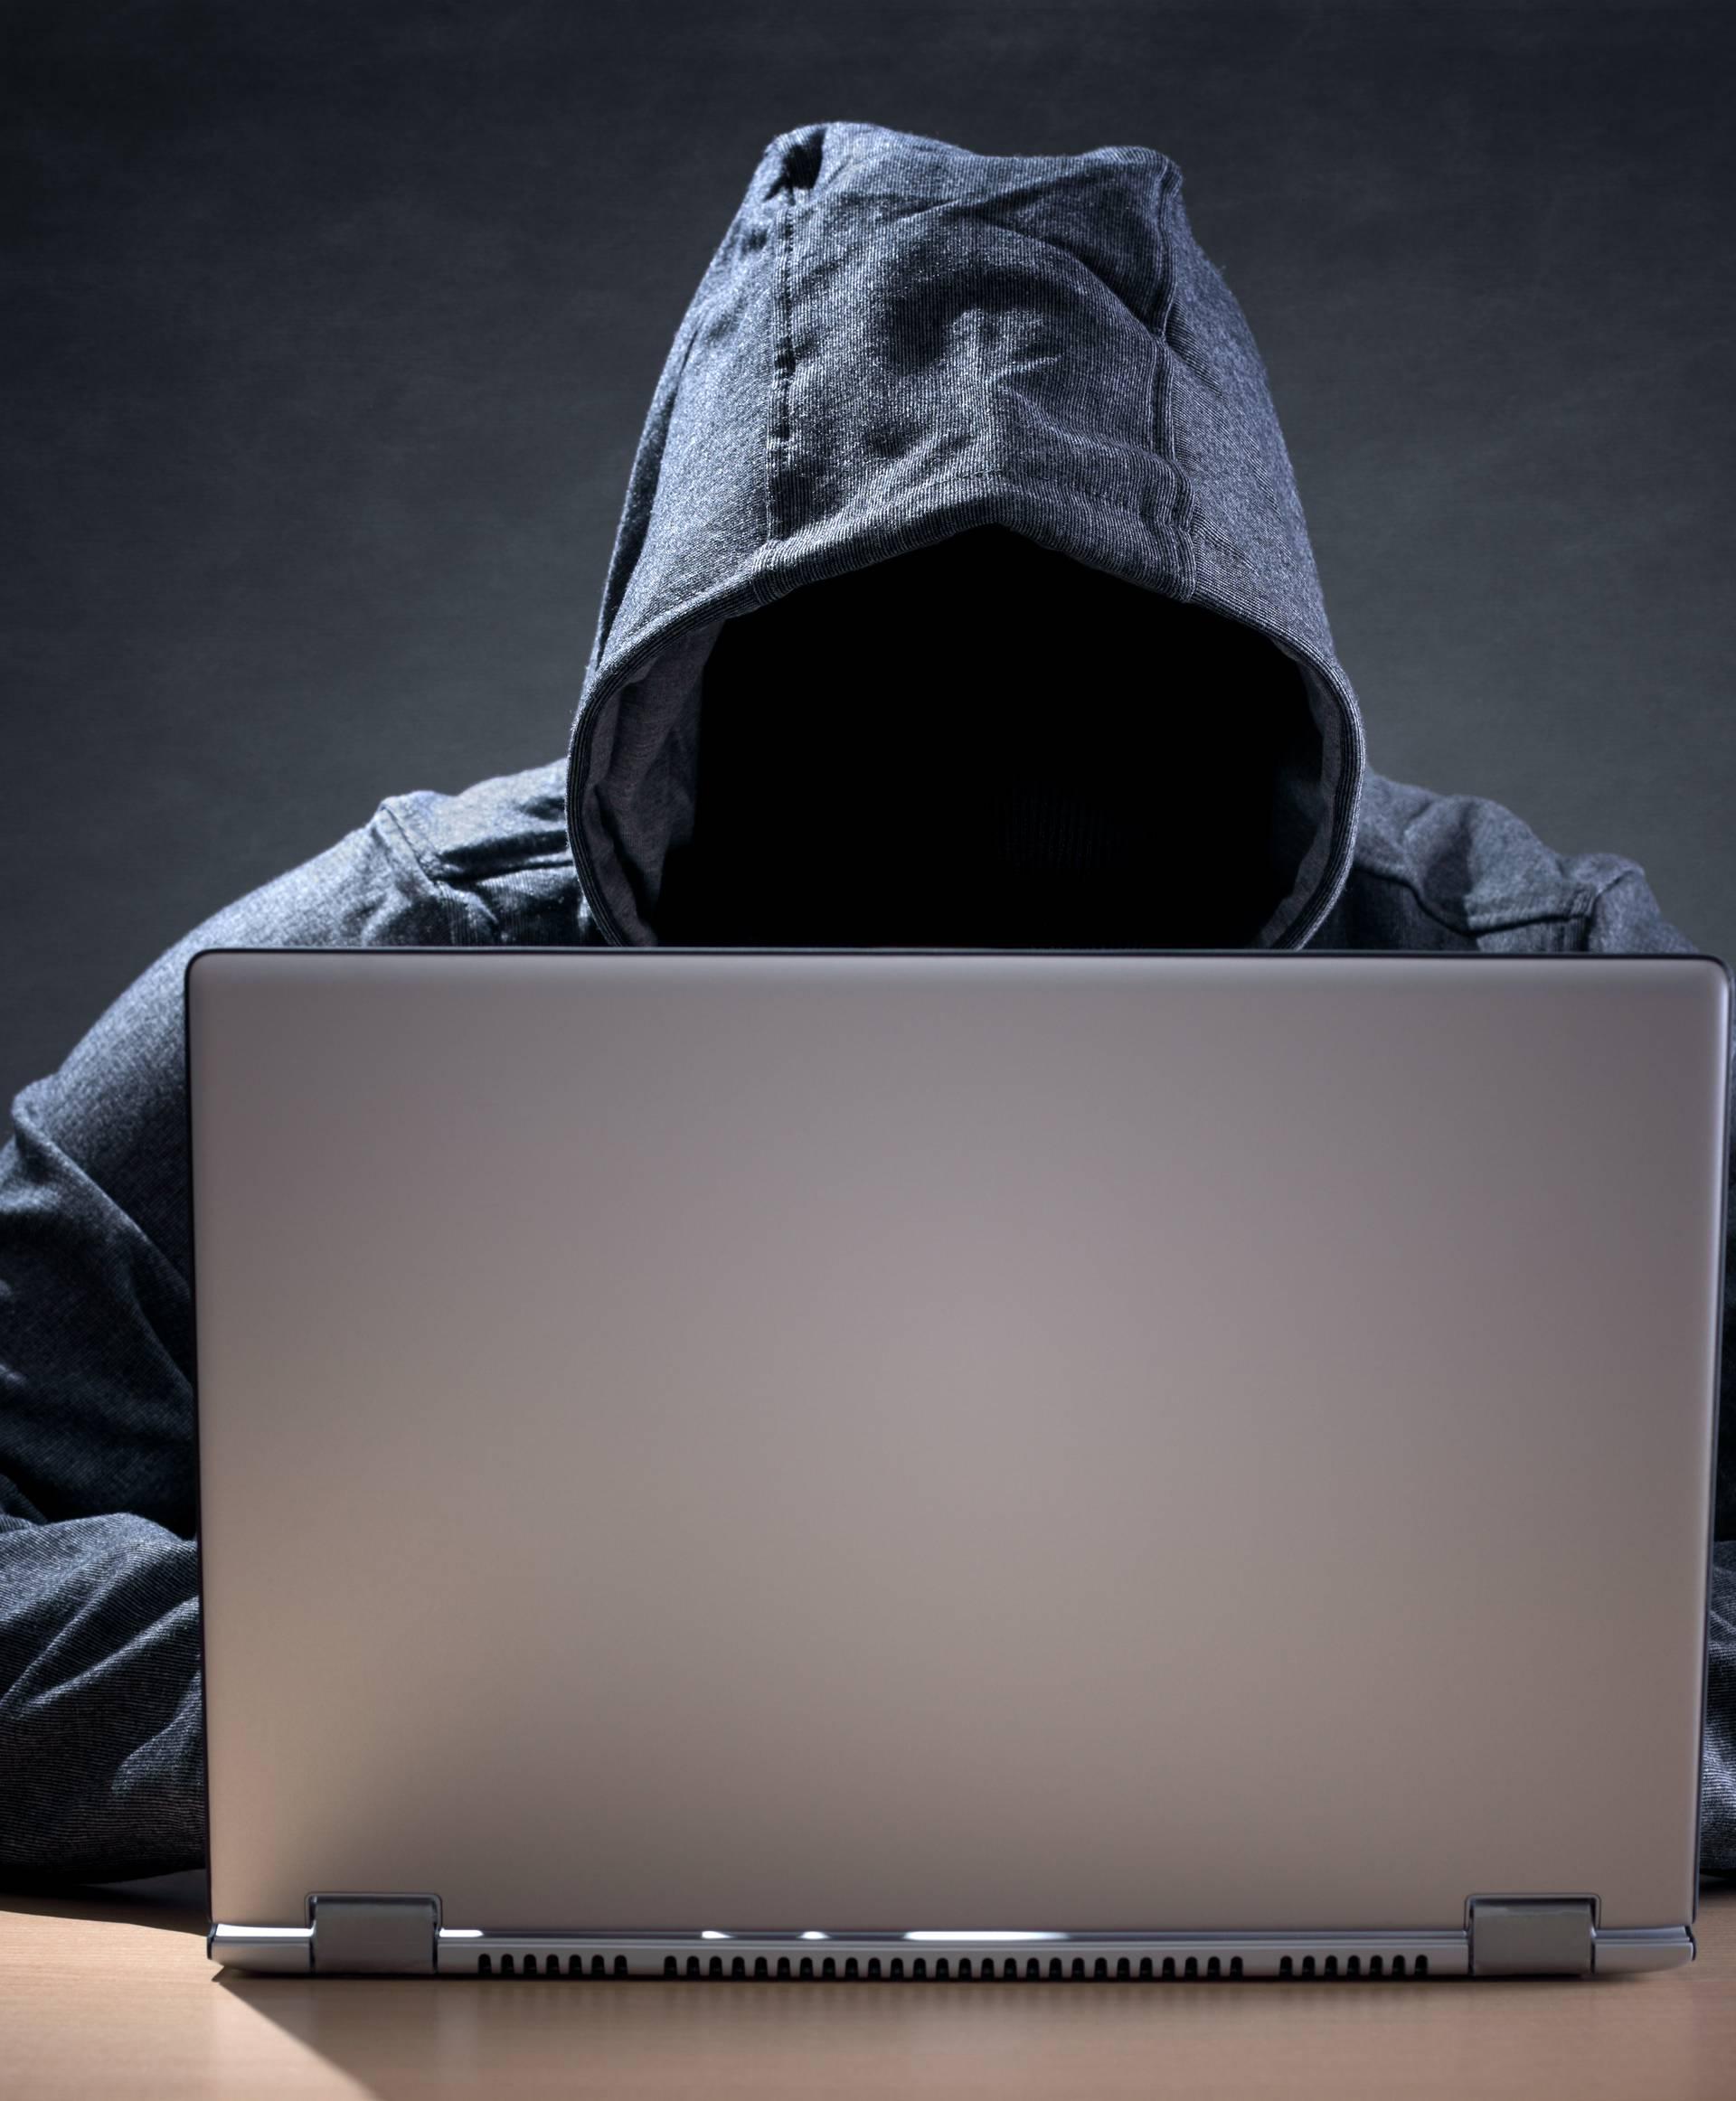 Hrvati primili ucjene na e-mail: 'Ne otvarajte sumnjive poruke'